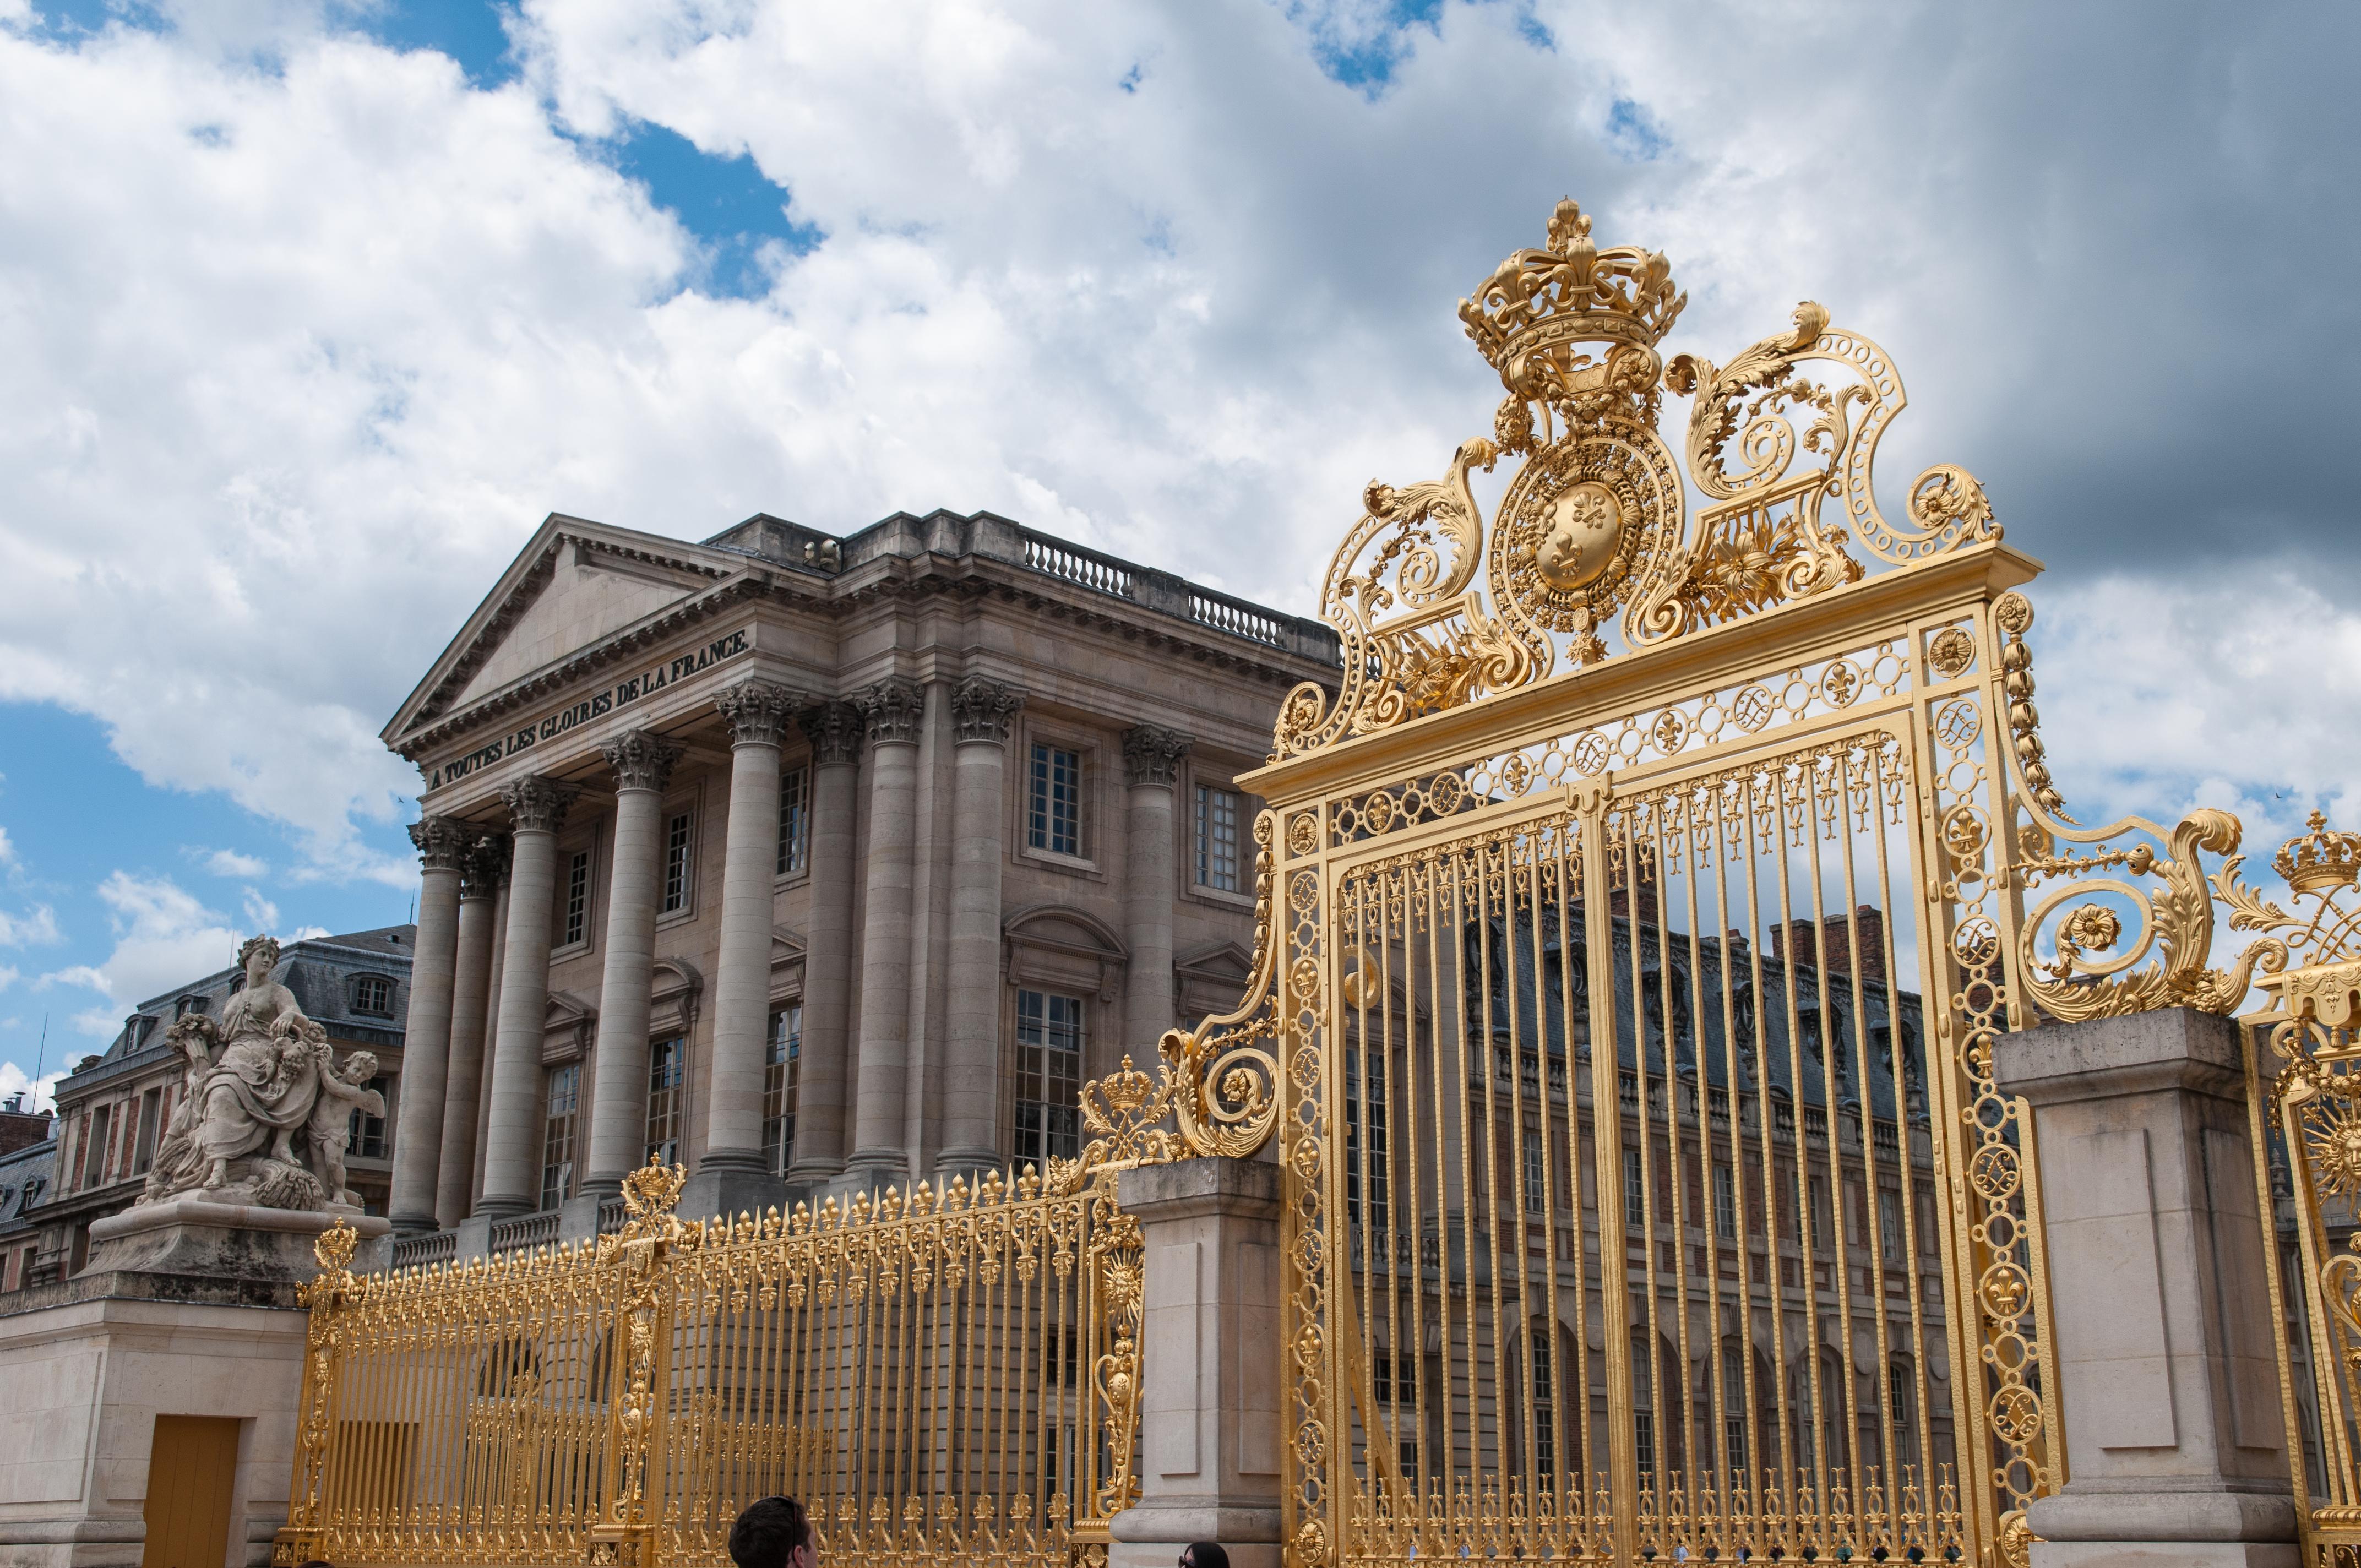 File chateau de versailles france 8132676907 2 jpg wikimedia commons - Photo chateau de versailles ...